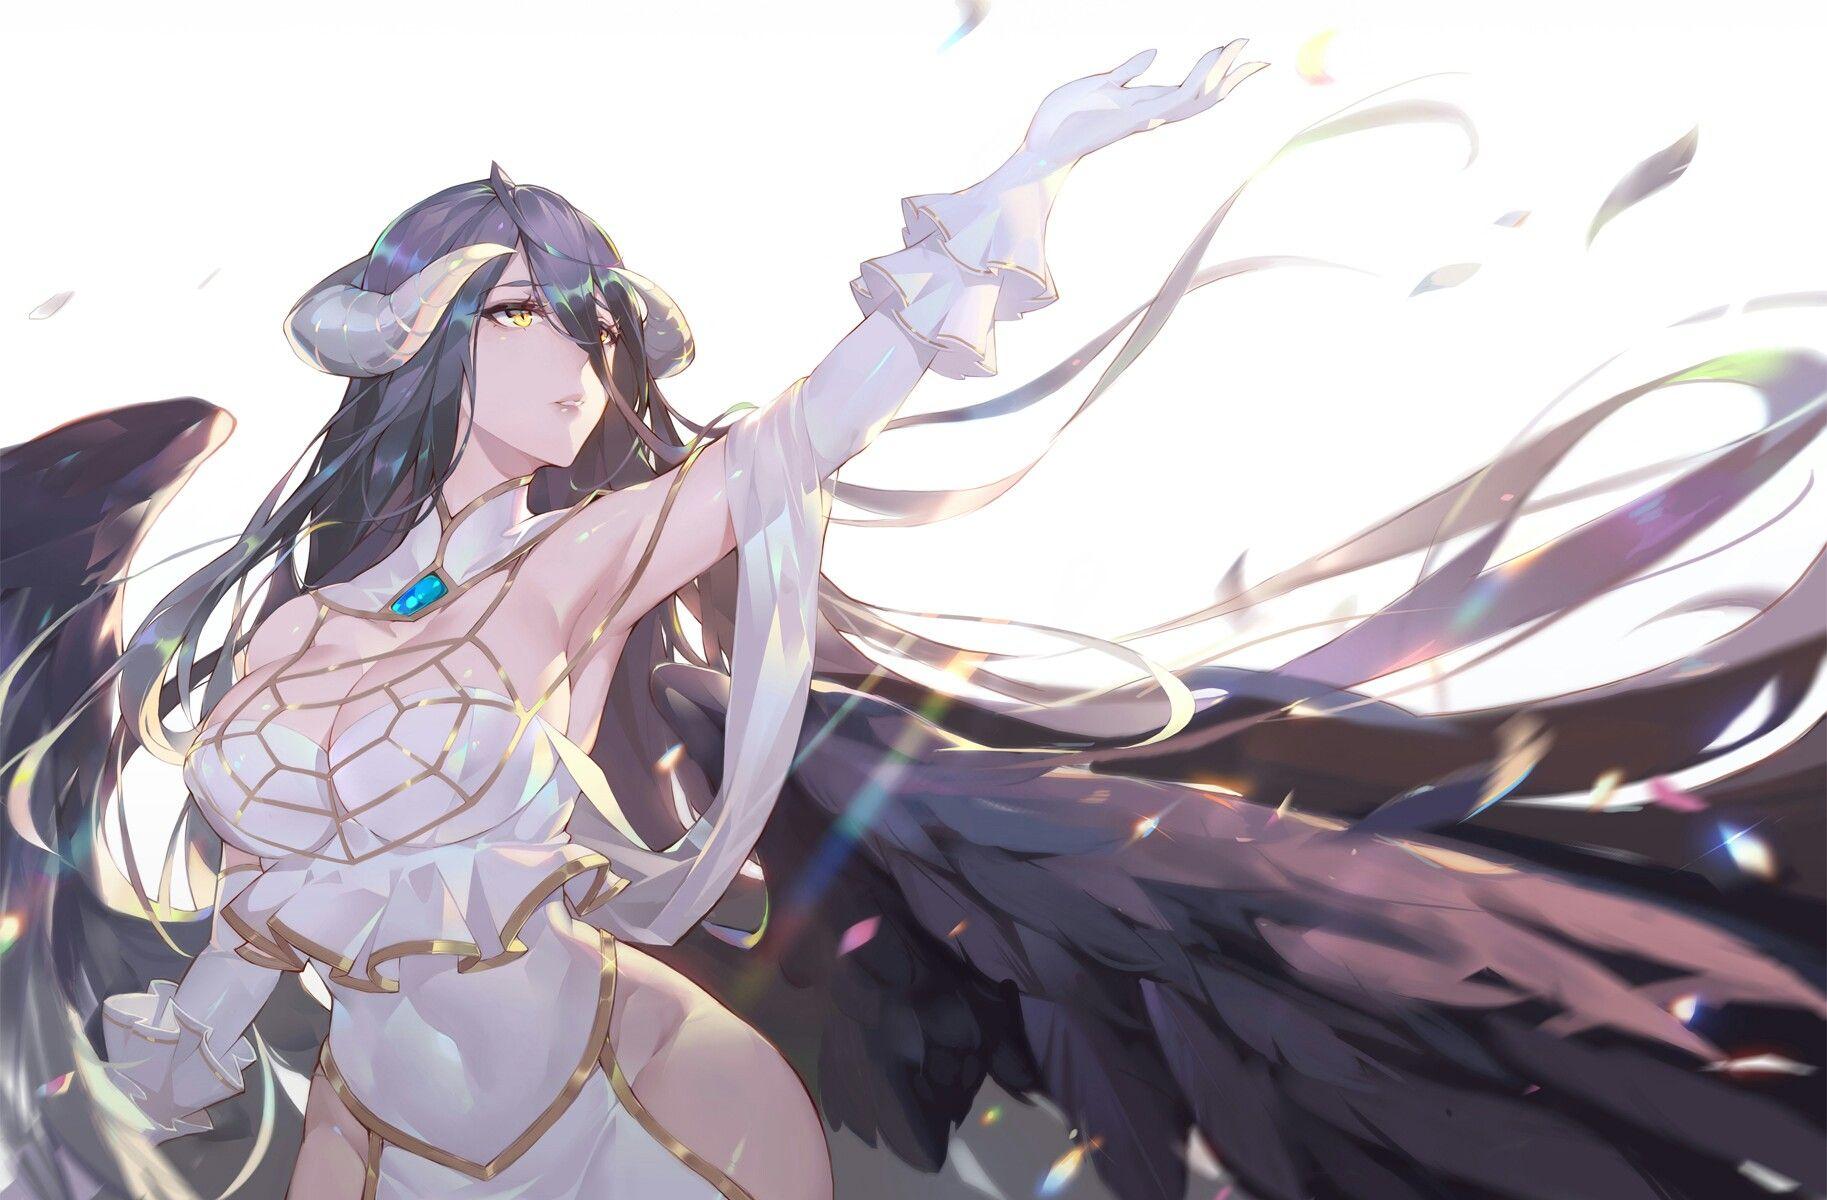 Albedo アルベド アニメファンタジー マンガアニメ